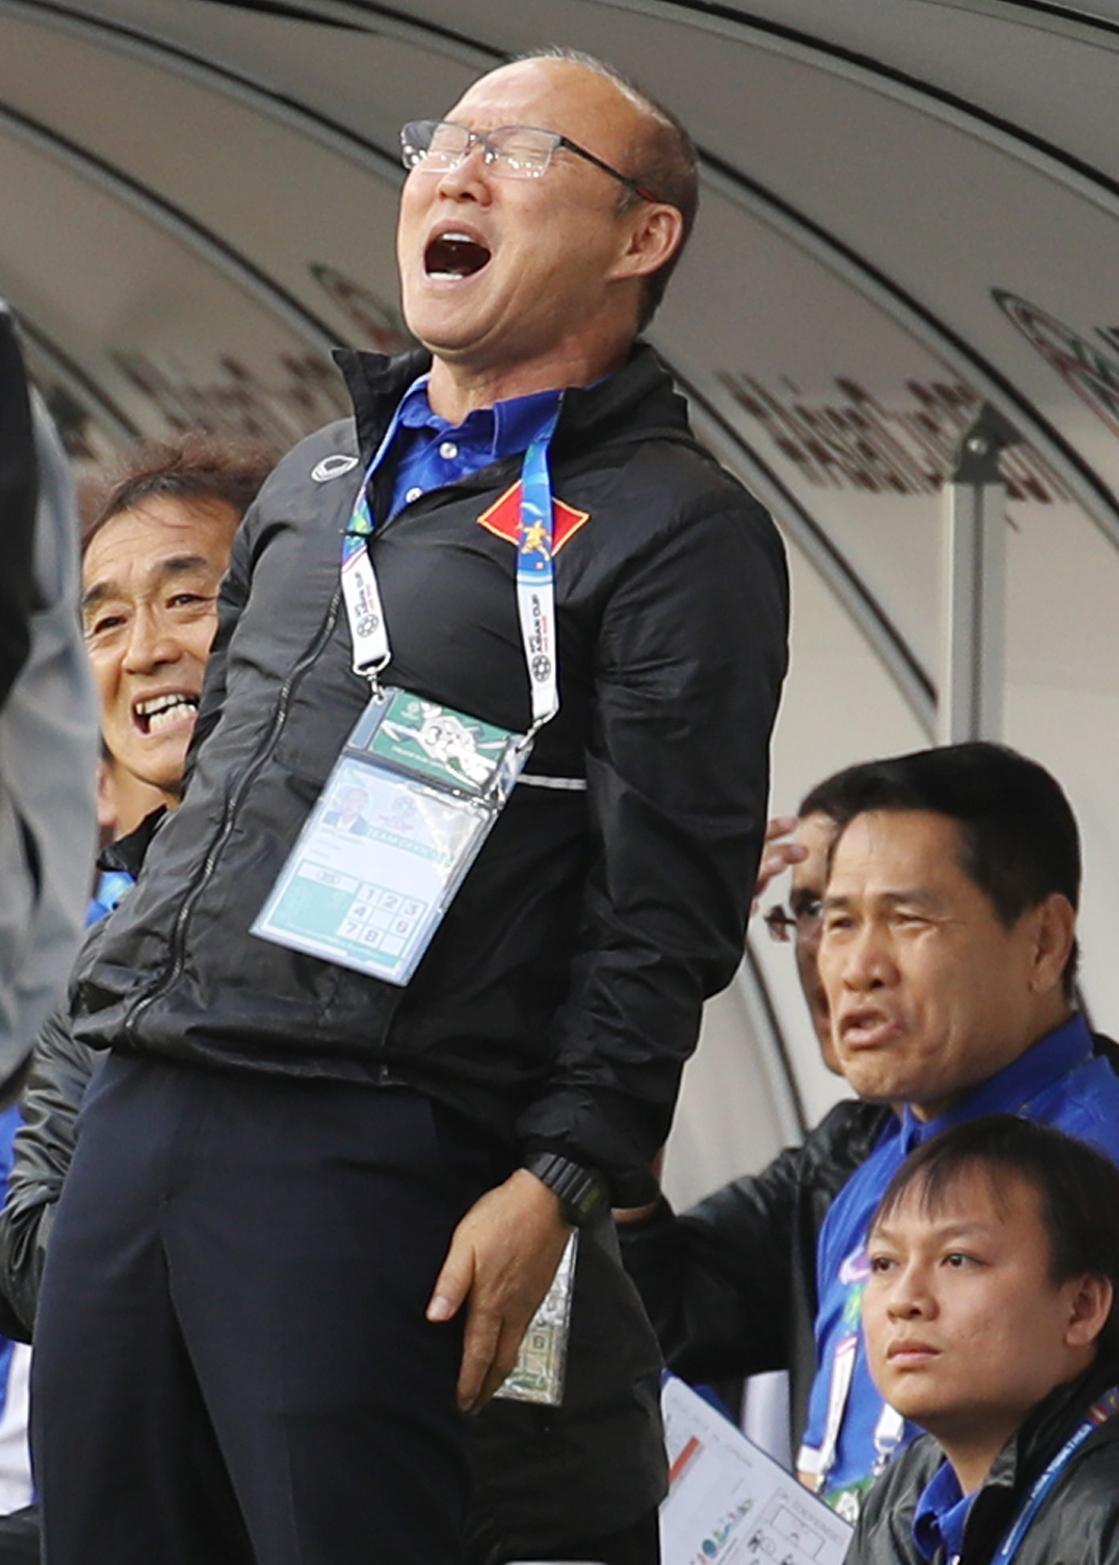 지난 1월20일 아시안컵 16강전에서 아쉬워하는 박항서 베트남축구대표팀 감독. [연합뉴]